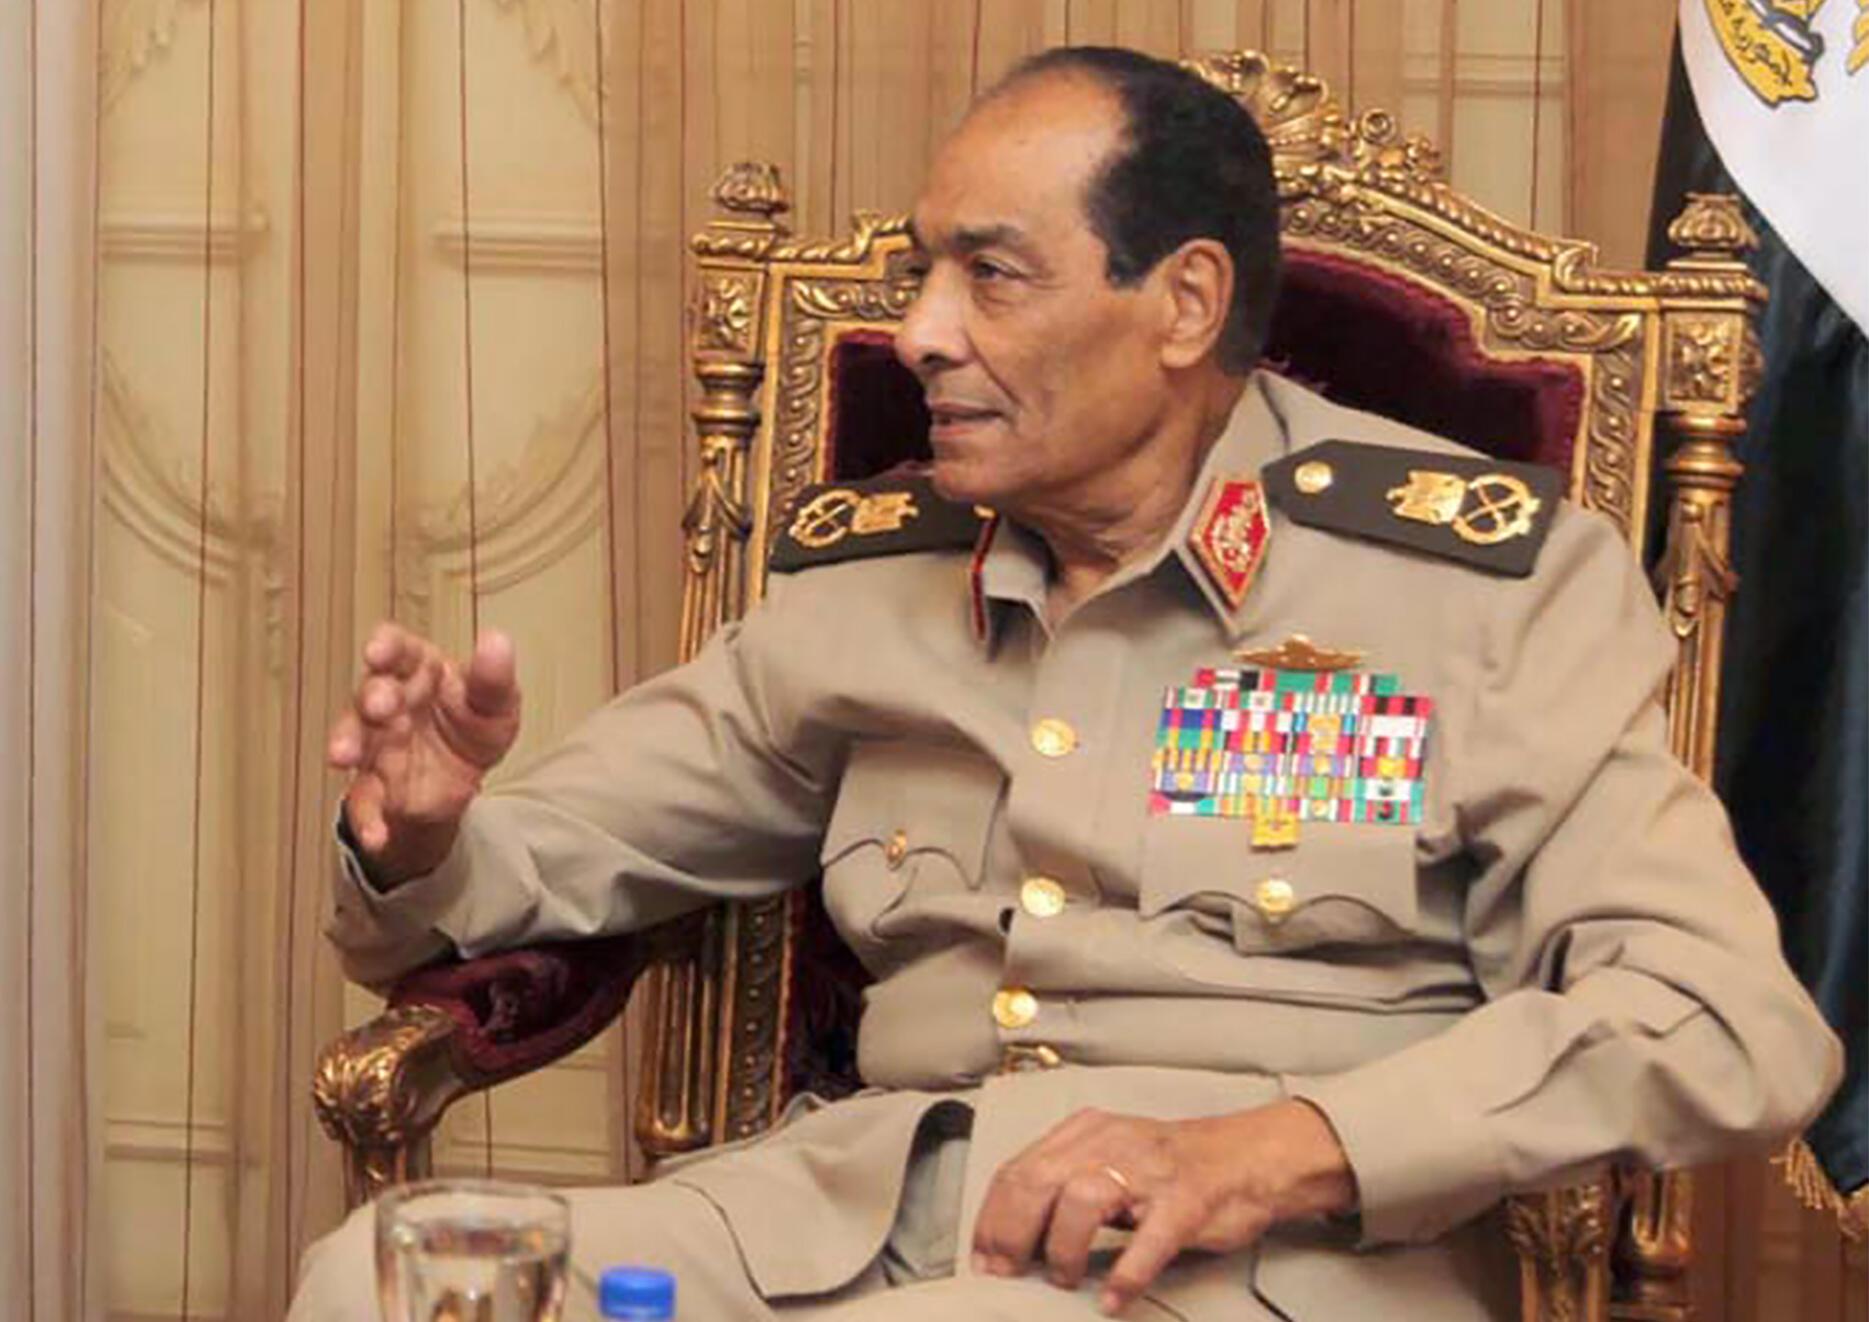 صورة نشرتها وكالة الانباء الأردنية تظهر المشير محمد حسين طنطاوي في القاهرة بتاريخ 24 أيار/مايو 2011